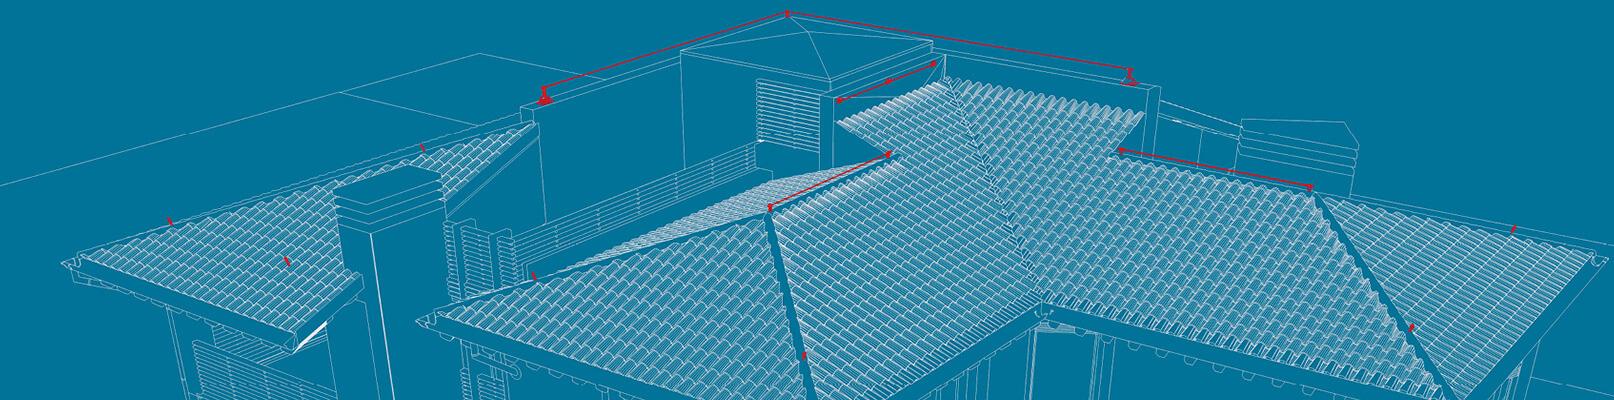 Servizio di progettazione anticaduta tetti e testata - Amorini Safety